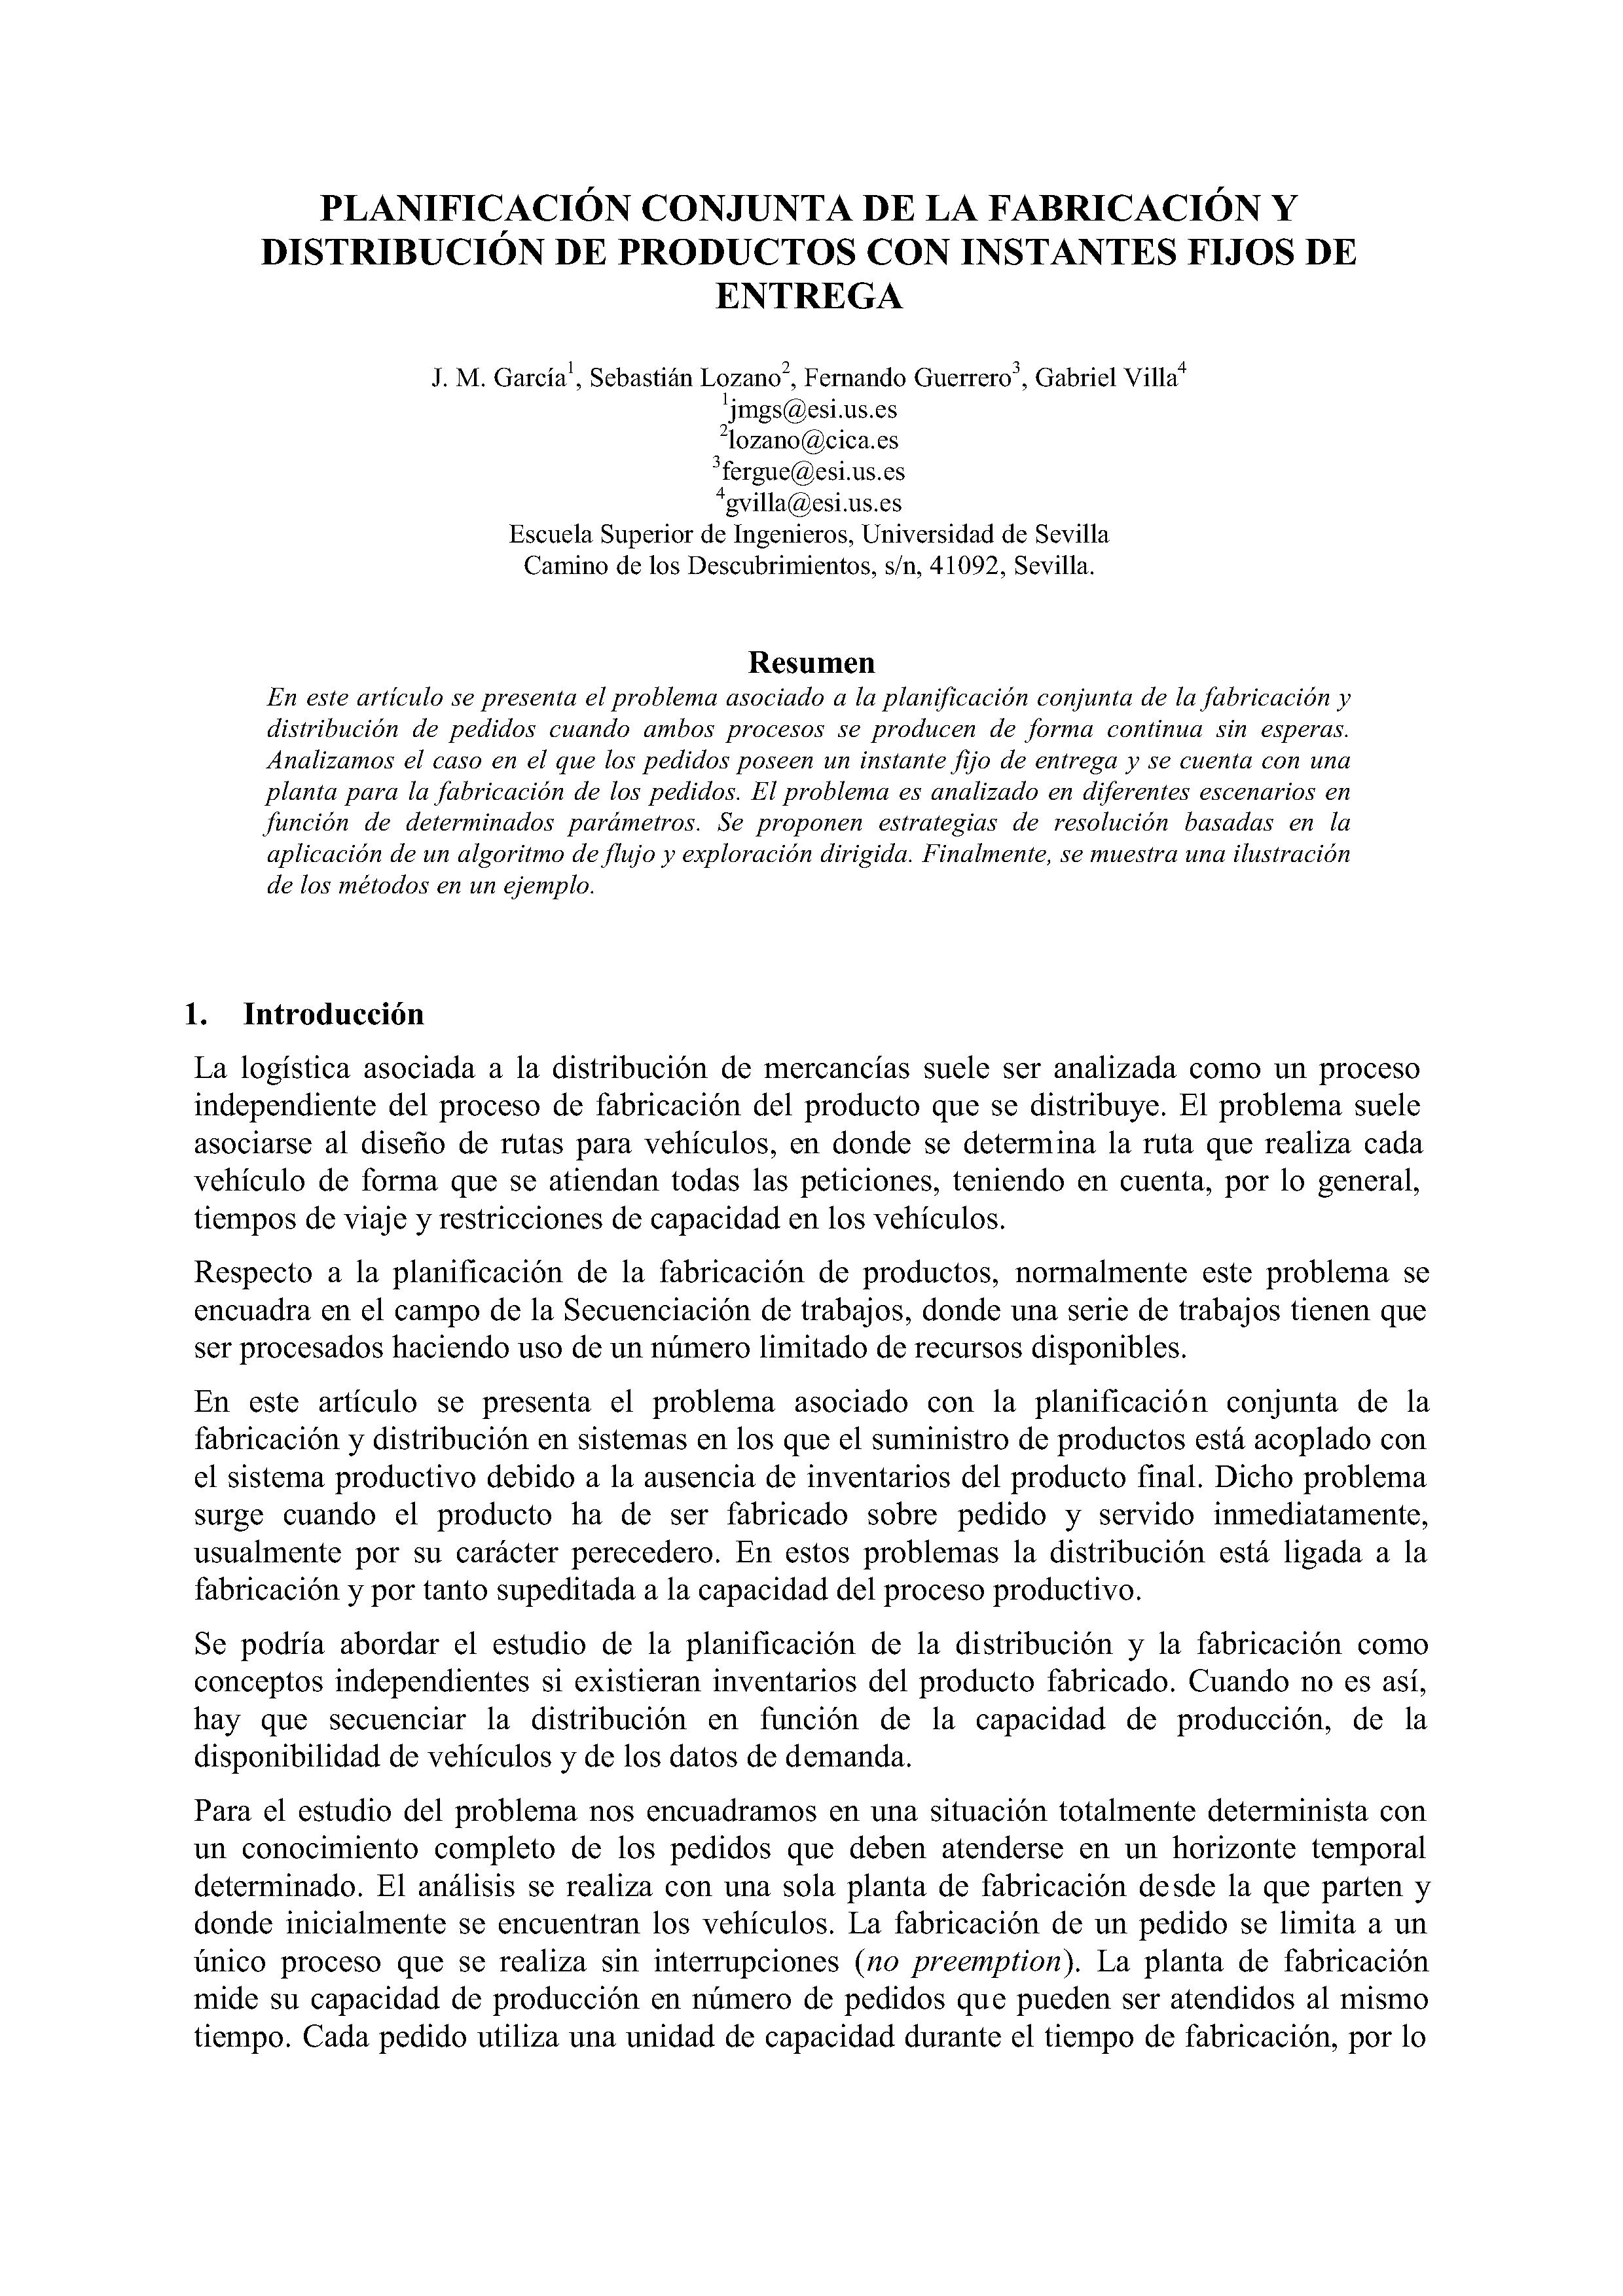 PLANIFICACIÓN CONJUNTA DE LA FABRICACIÓN Y DISTRIBUCIÓN DE PRODUCTOS CON INsTANTEs FIJOS DE ENTREGA